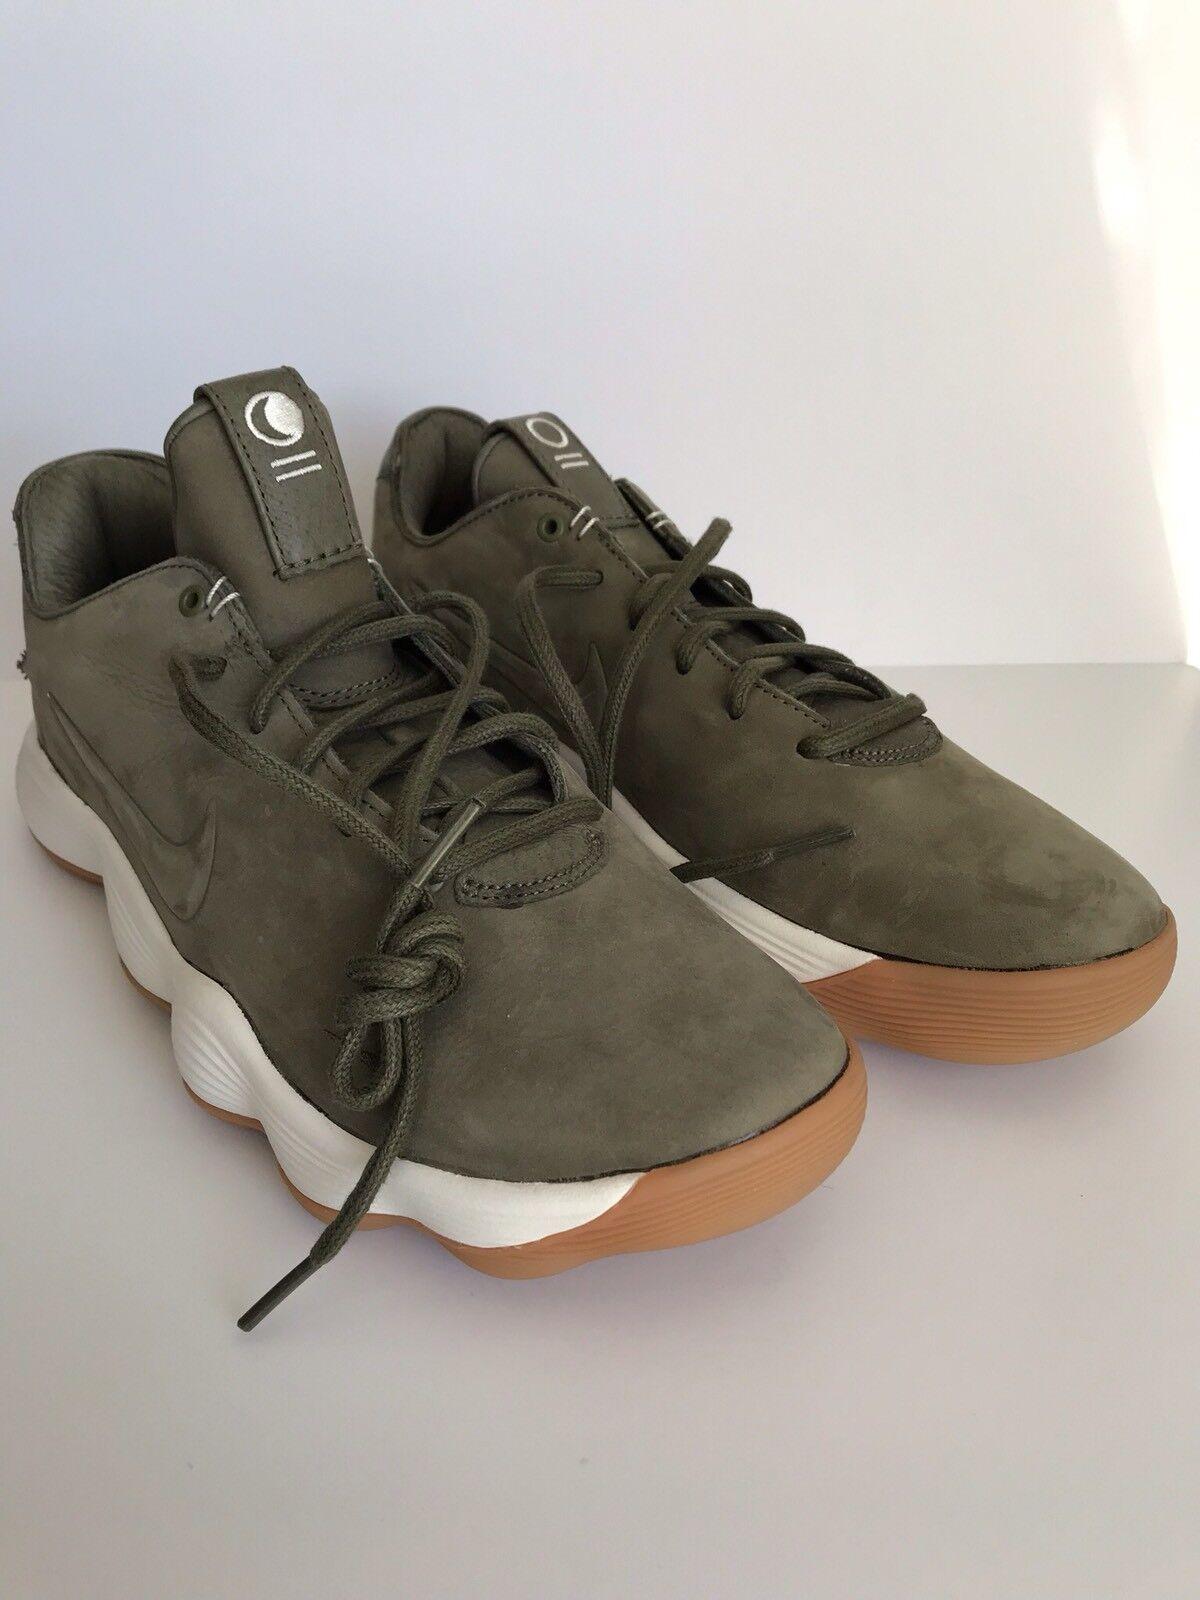 Nike air max '91, allenatore di misura camoscio. 8,5.pietra grigio giallo.309748-005.gray camoscio. misura 9e8957